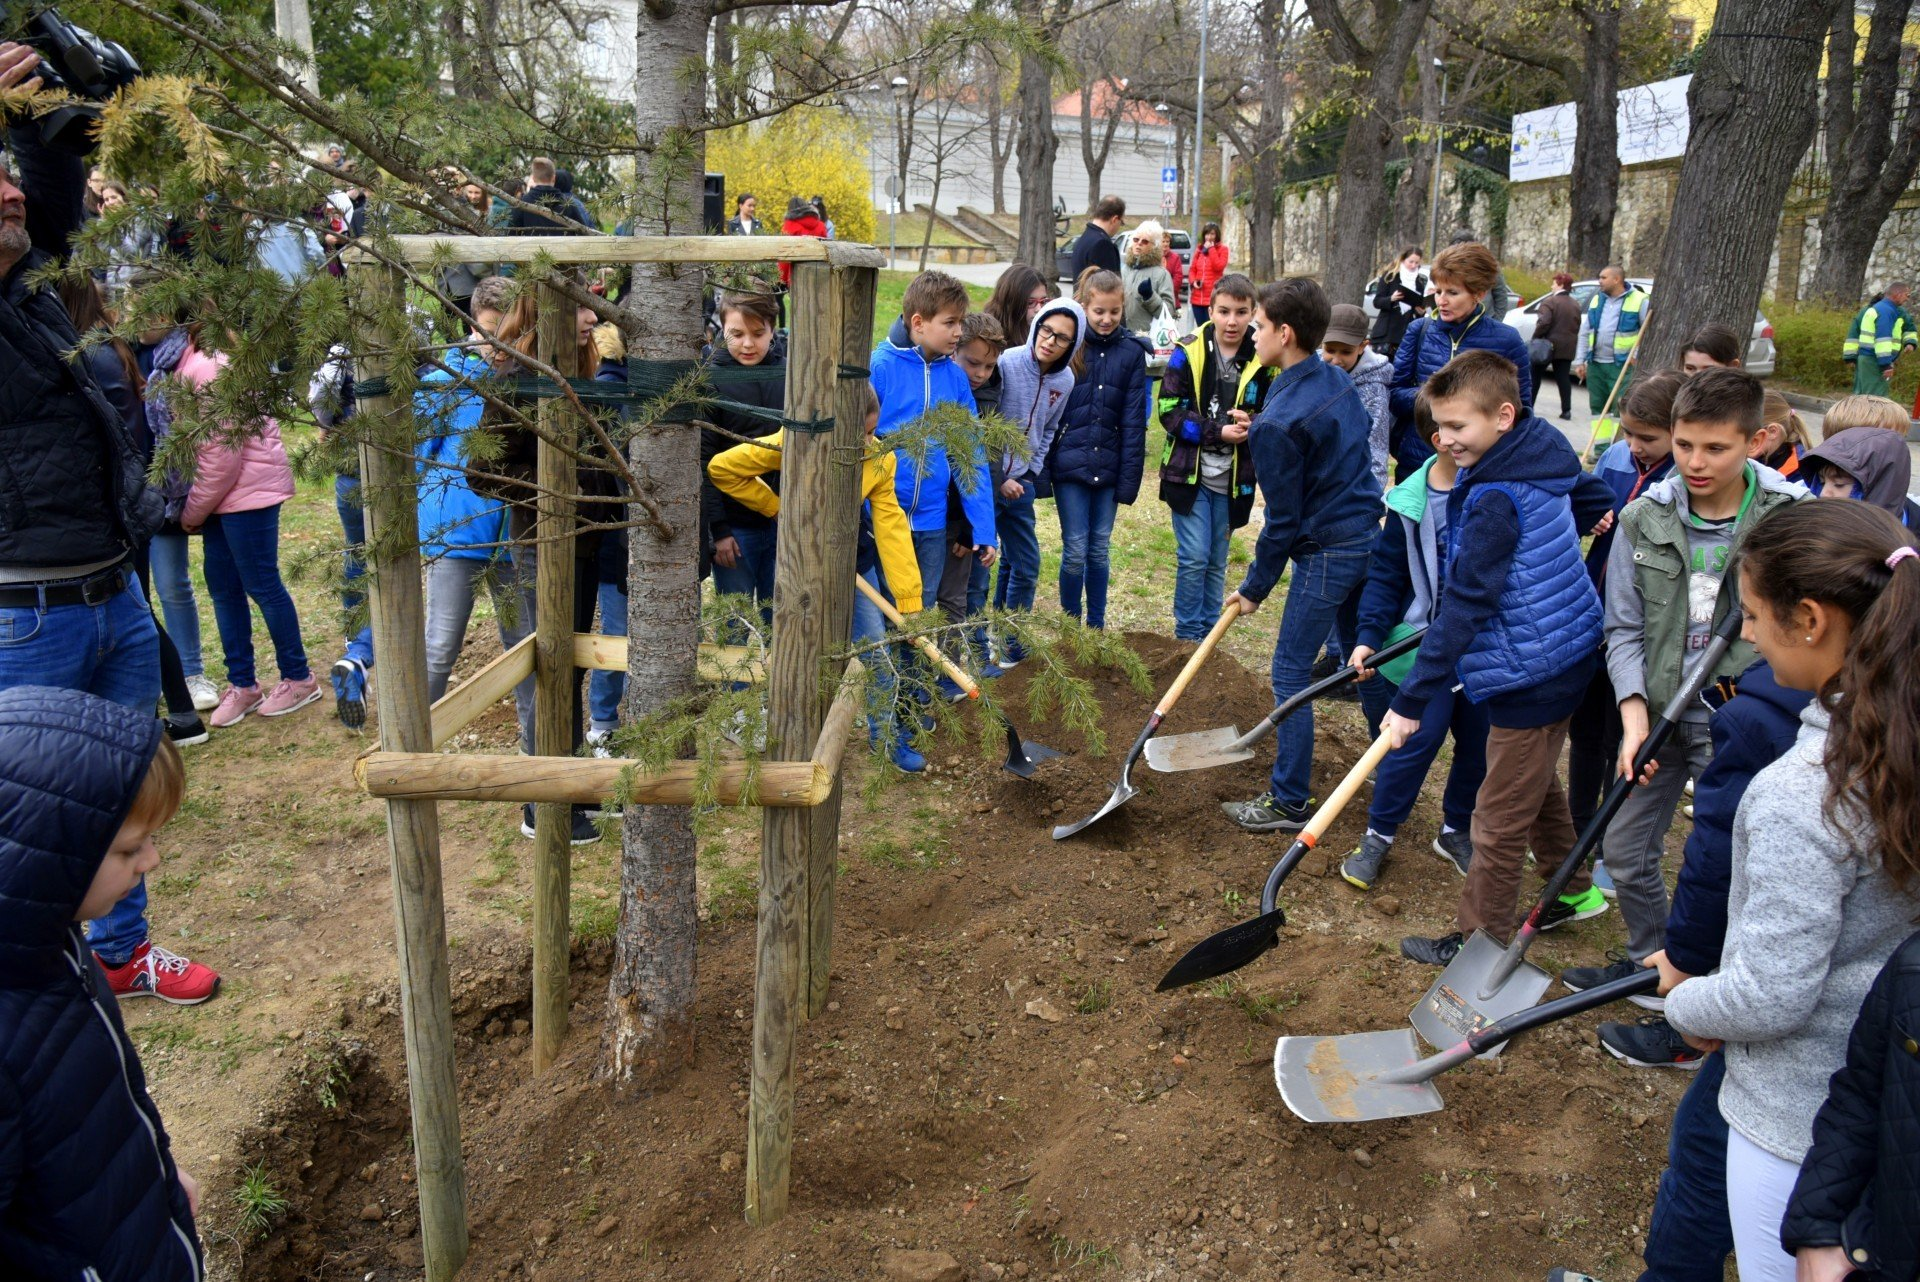 Faültetéssel indult a Csontváry emlékév a baranyai megyeszékhelyen